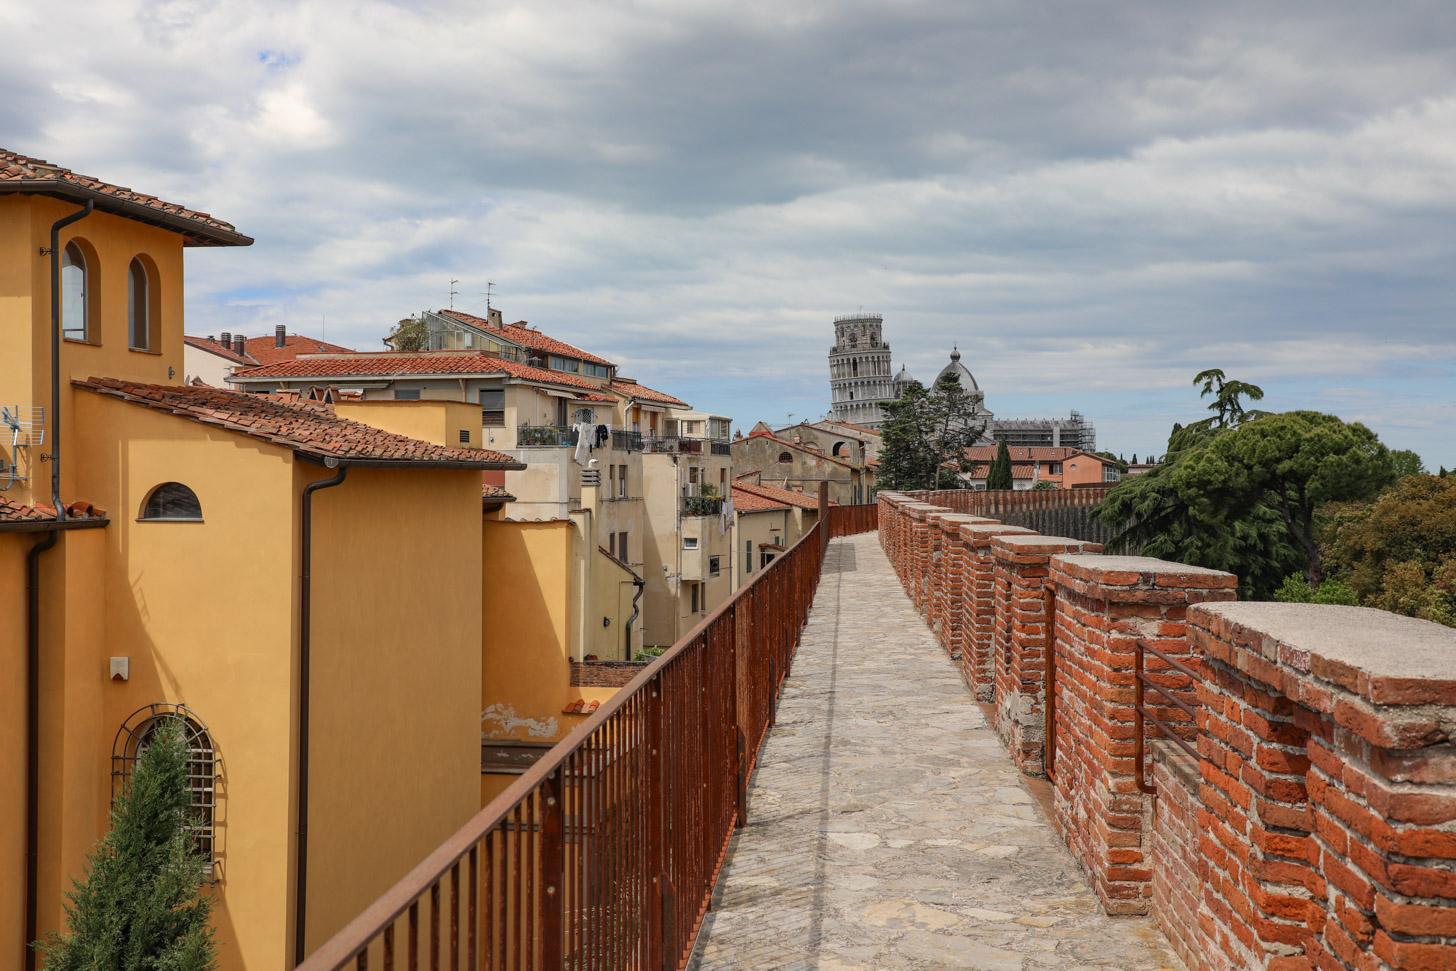 De stadsmuren van Pisa